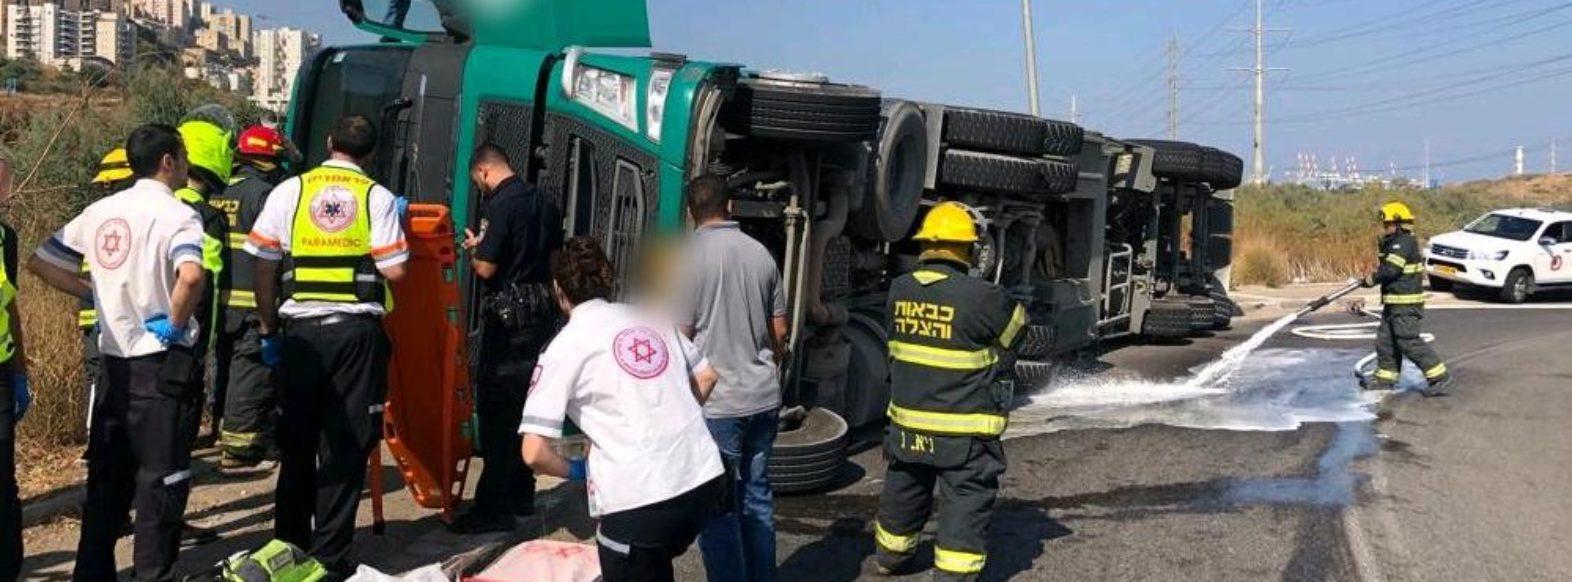 נהג משאית כבן 30 נפצע בינוני בתאונה ברחוב טופז בחיפה בחיפה.